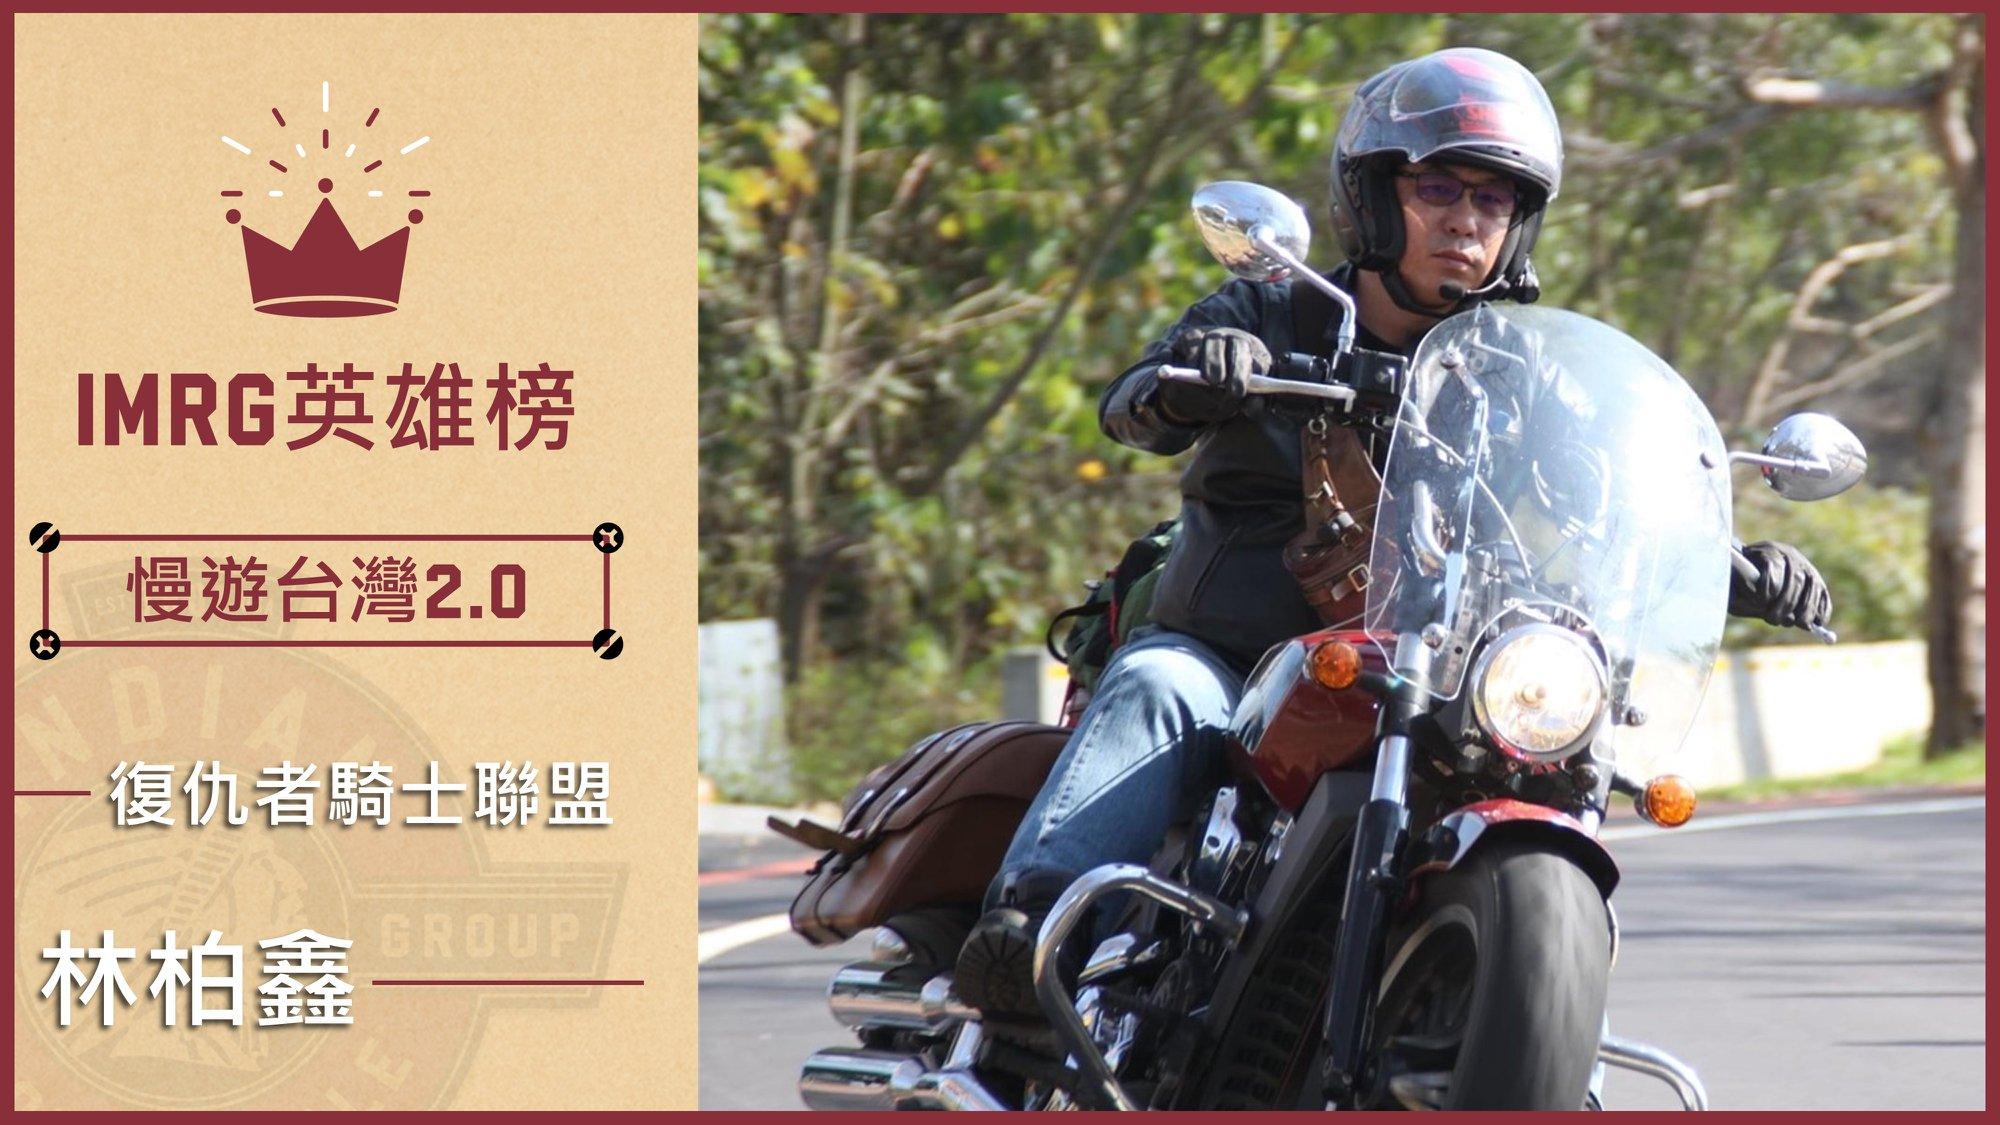 [ 英雄榜 ] 2021年03月30日 - 復仇者車隊 - 林伯鑫 - 慢遊台灣.20